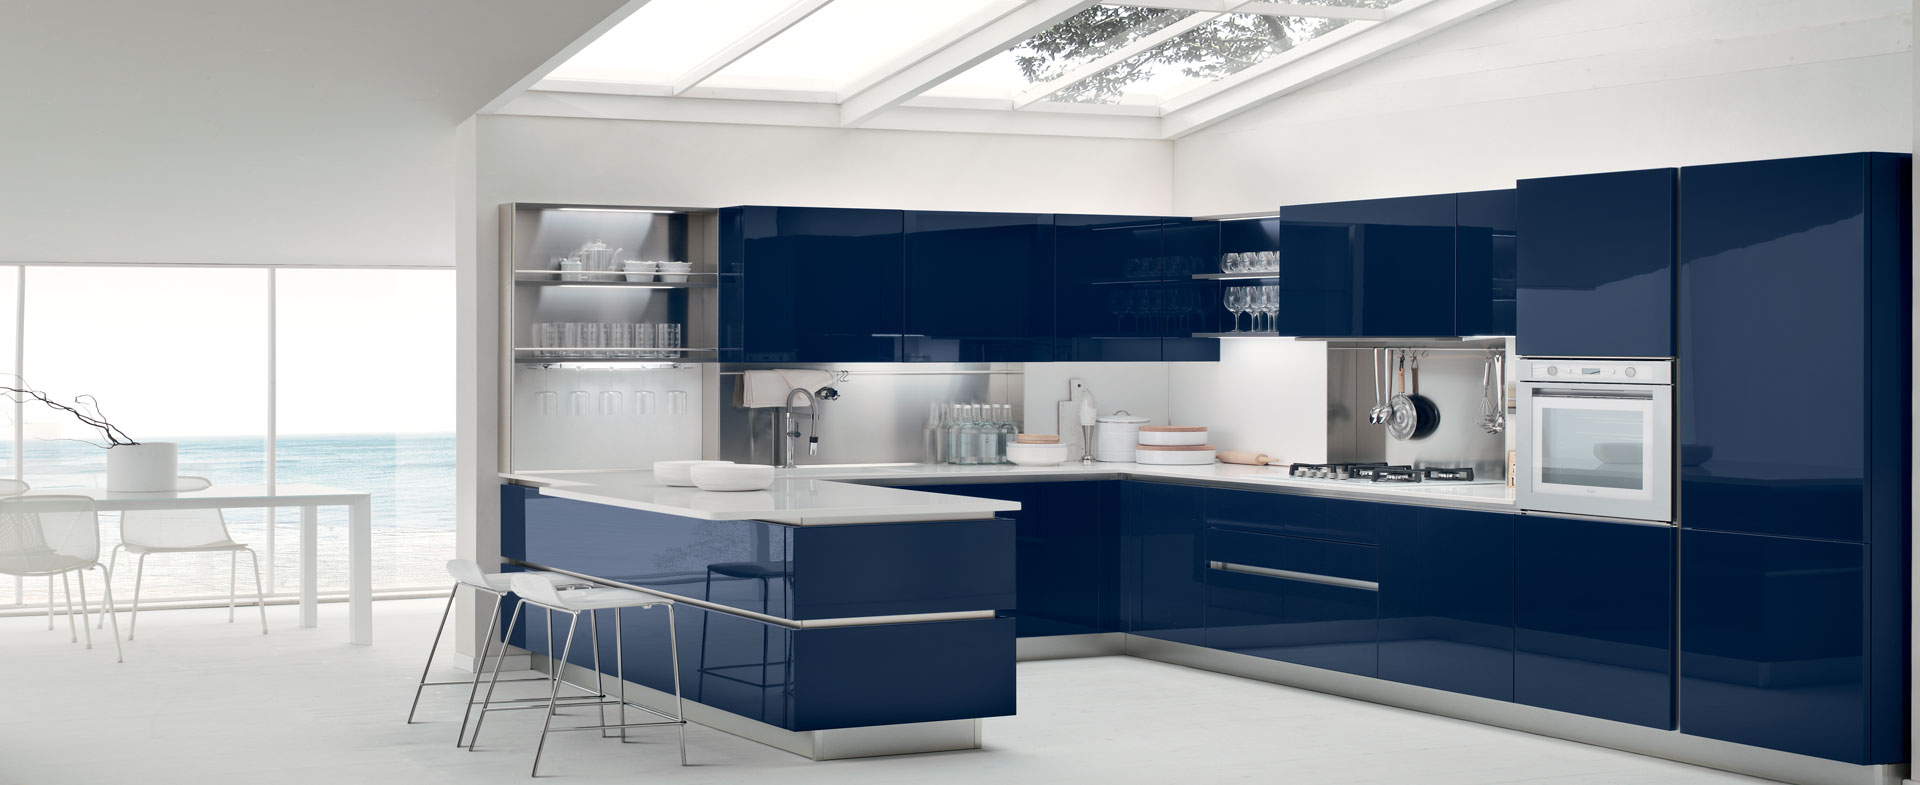 veneta cucine paris showroom veneta cucine paris centre. Black Bedroom Furniture Sets. Home Design Ideas